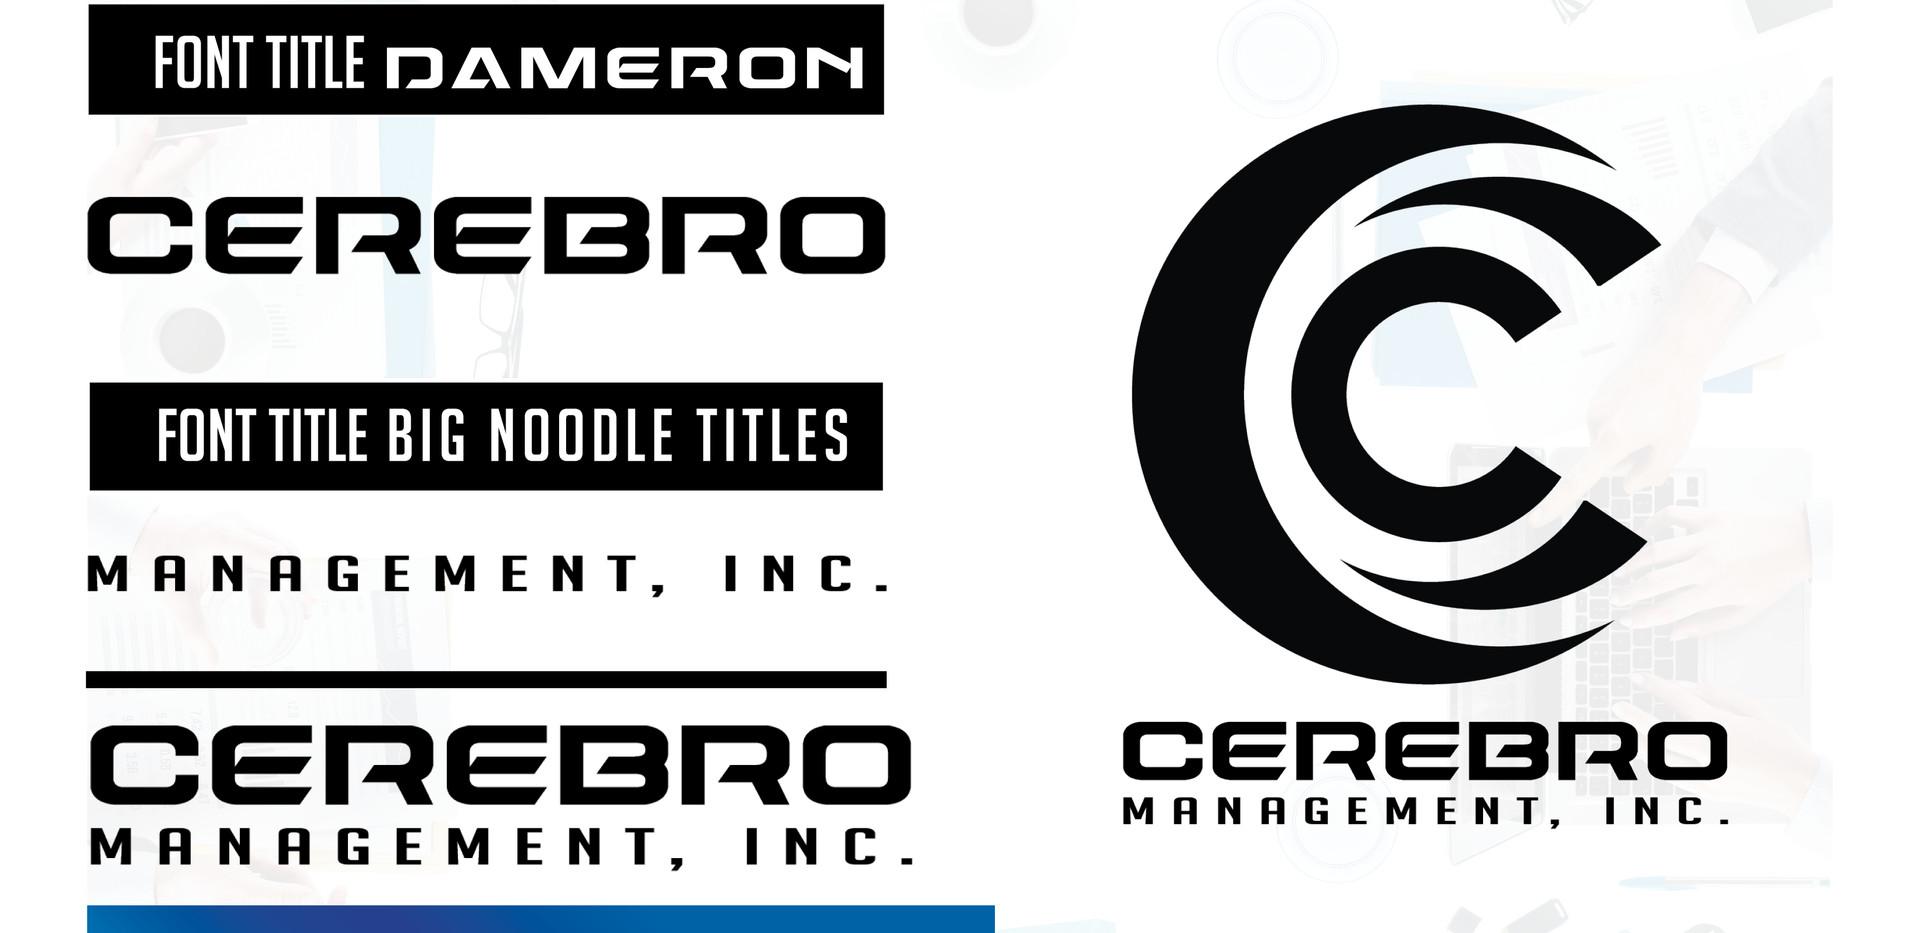 Cerebro_guide_cobaltblue3.jpg